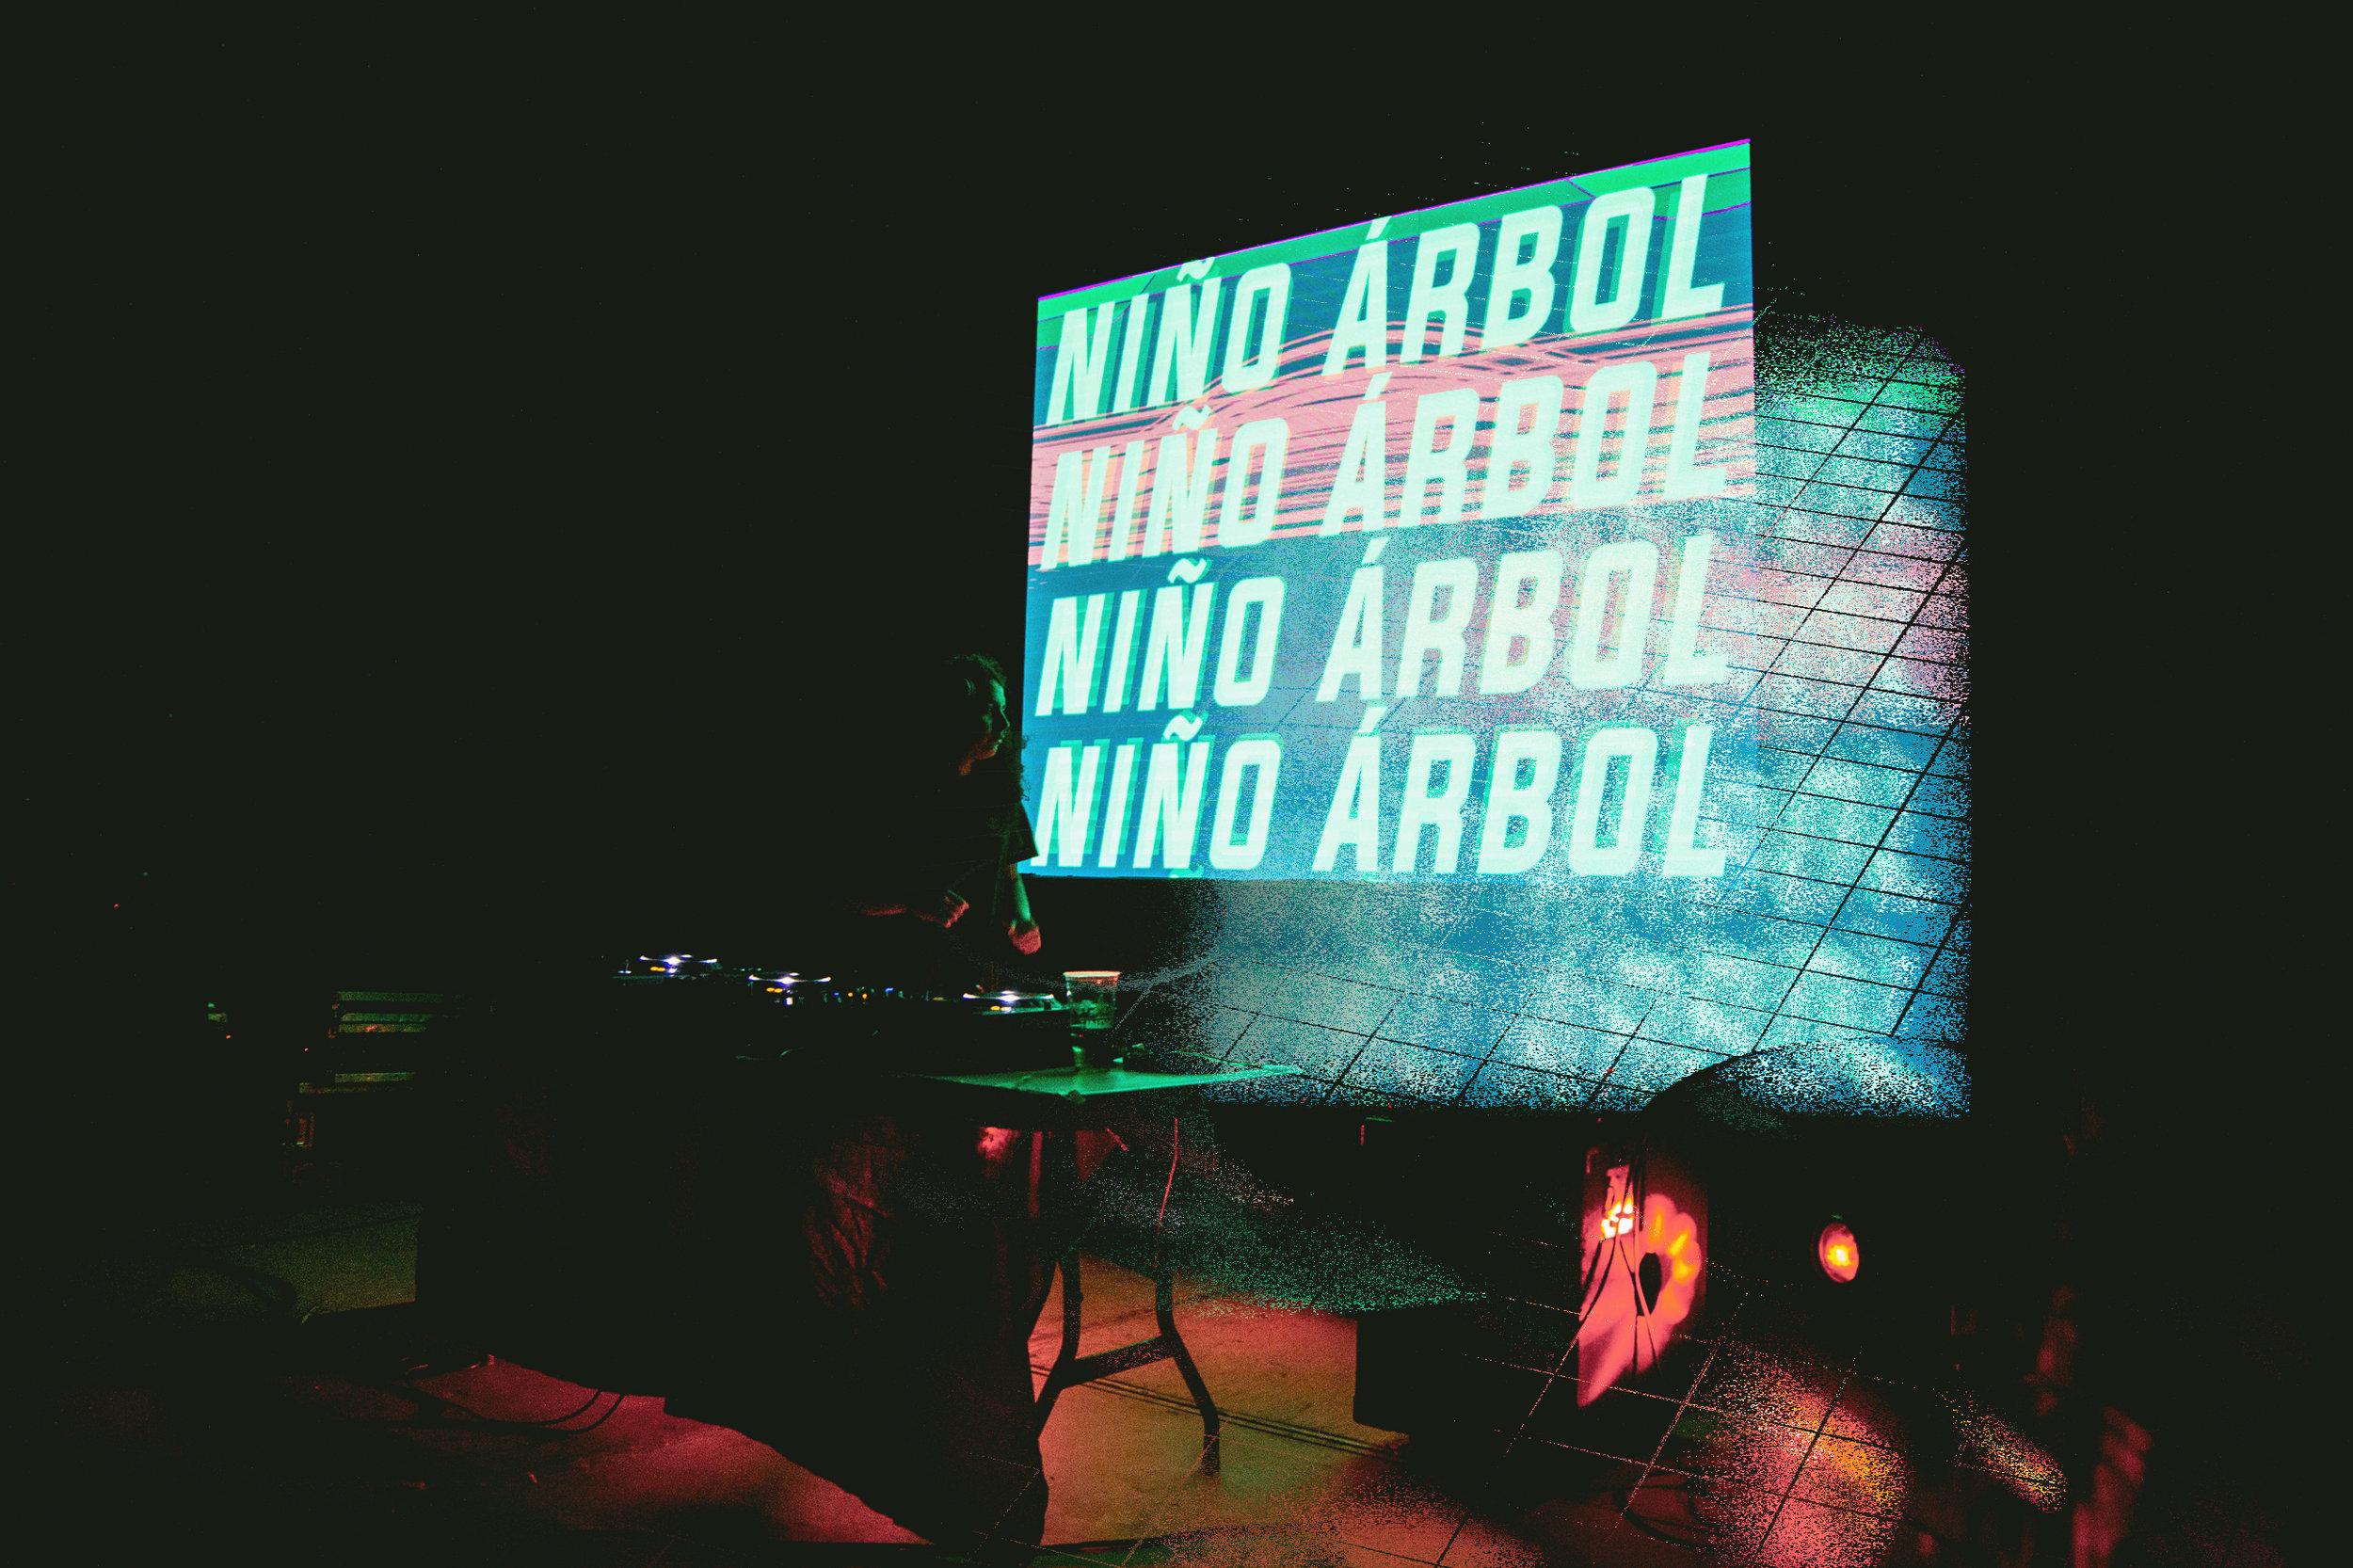 25_Niño Arbol 03.jpg